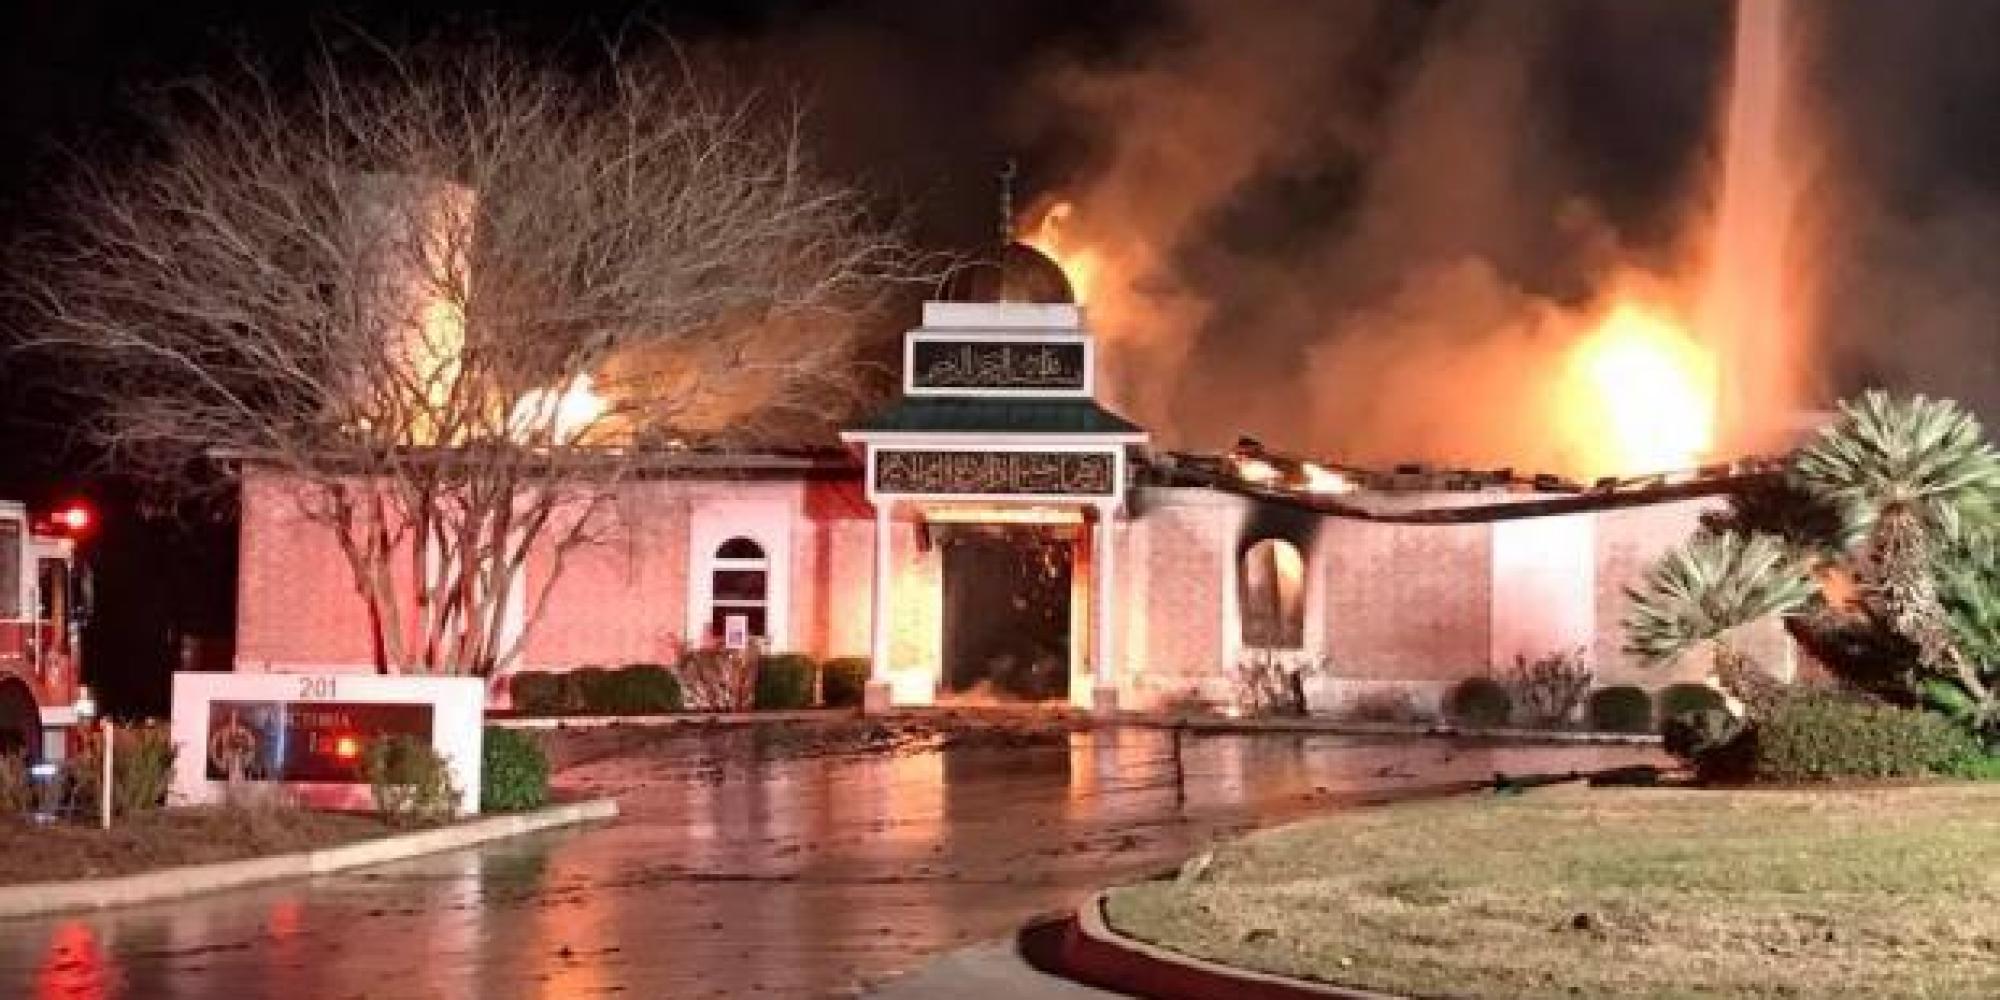 القضاء الأميركي يحكم بالسجن 19 عاماً و7 أشهر على رجل حرض على إحراق مسجد في إسلامبرغ